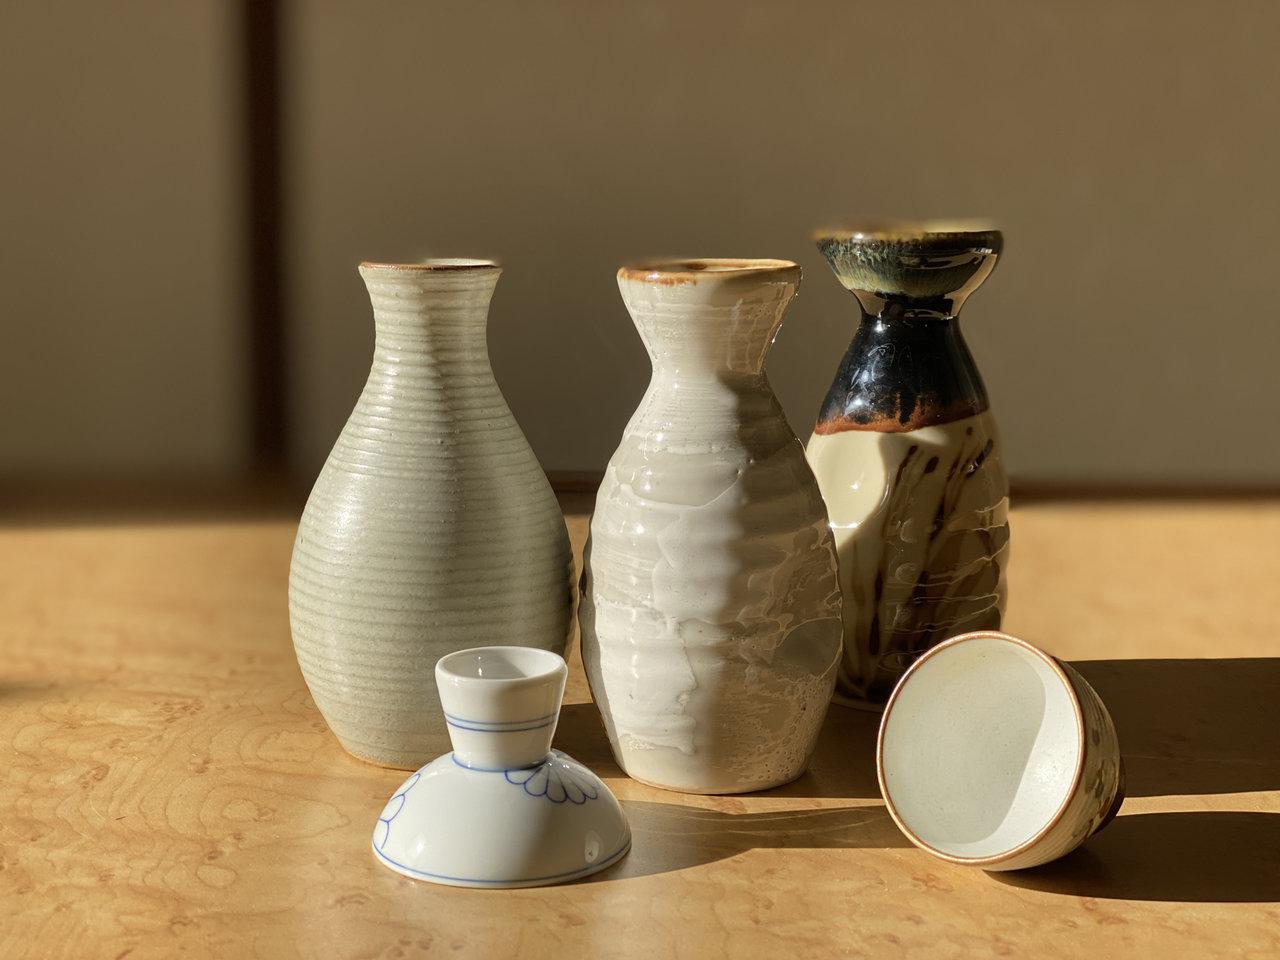 徳利で日本酒をもっと楽しく。選び方や使い方をご紹介